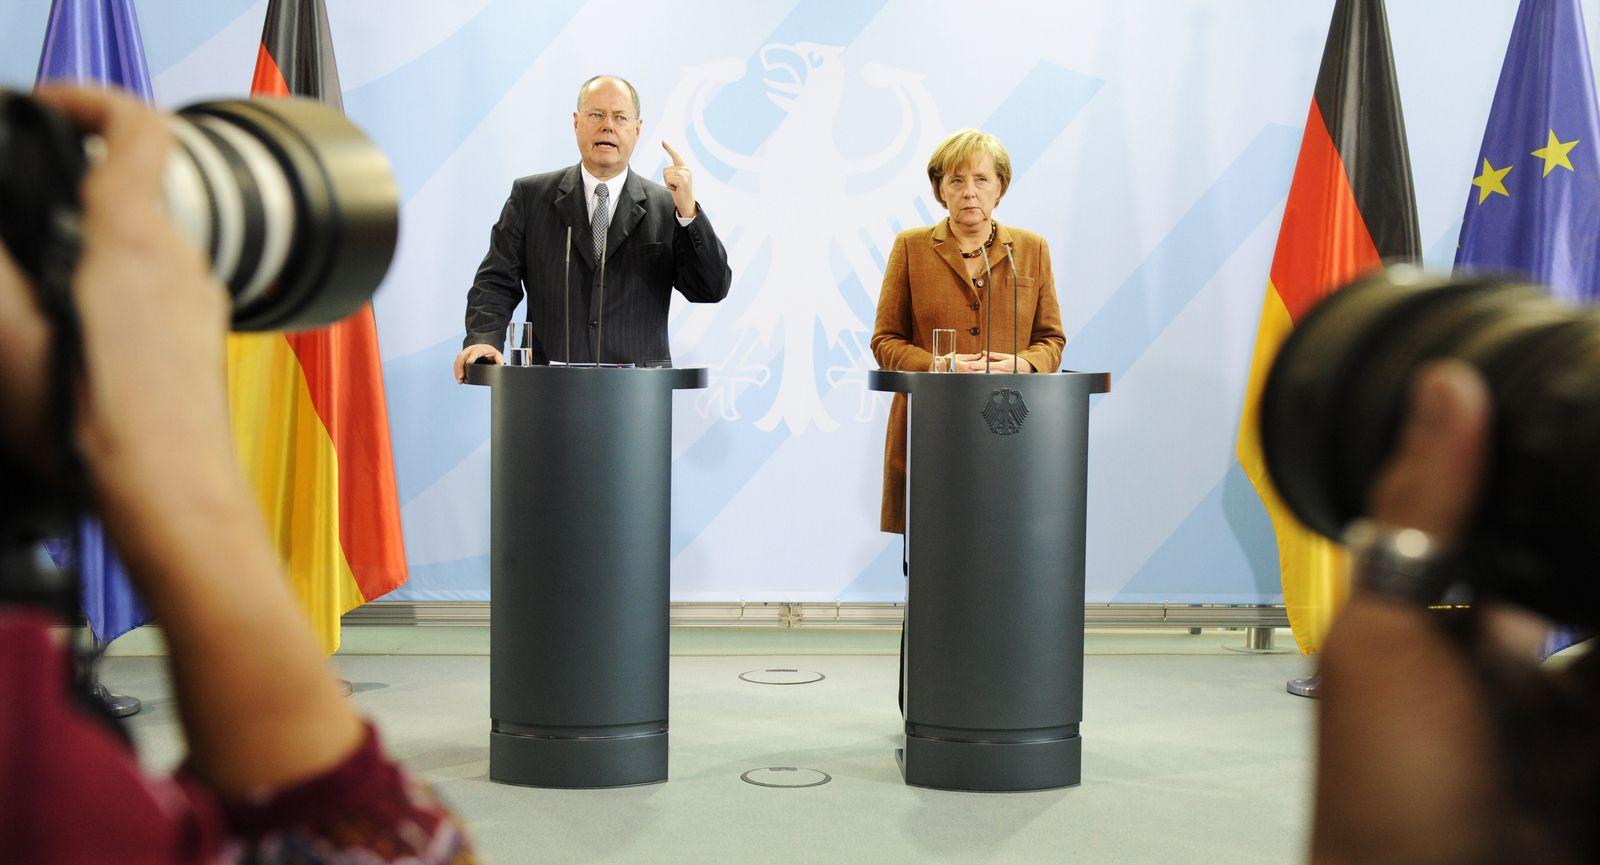 XXL Steinbrück/ Merkel